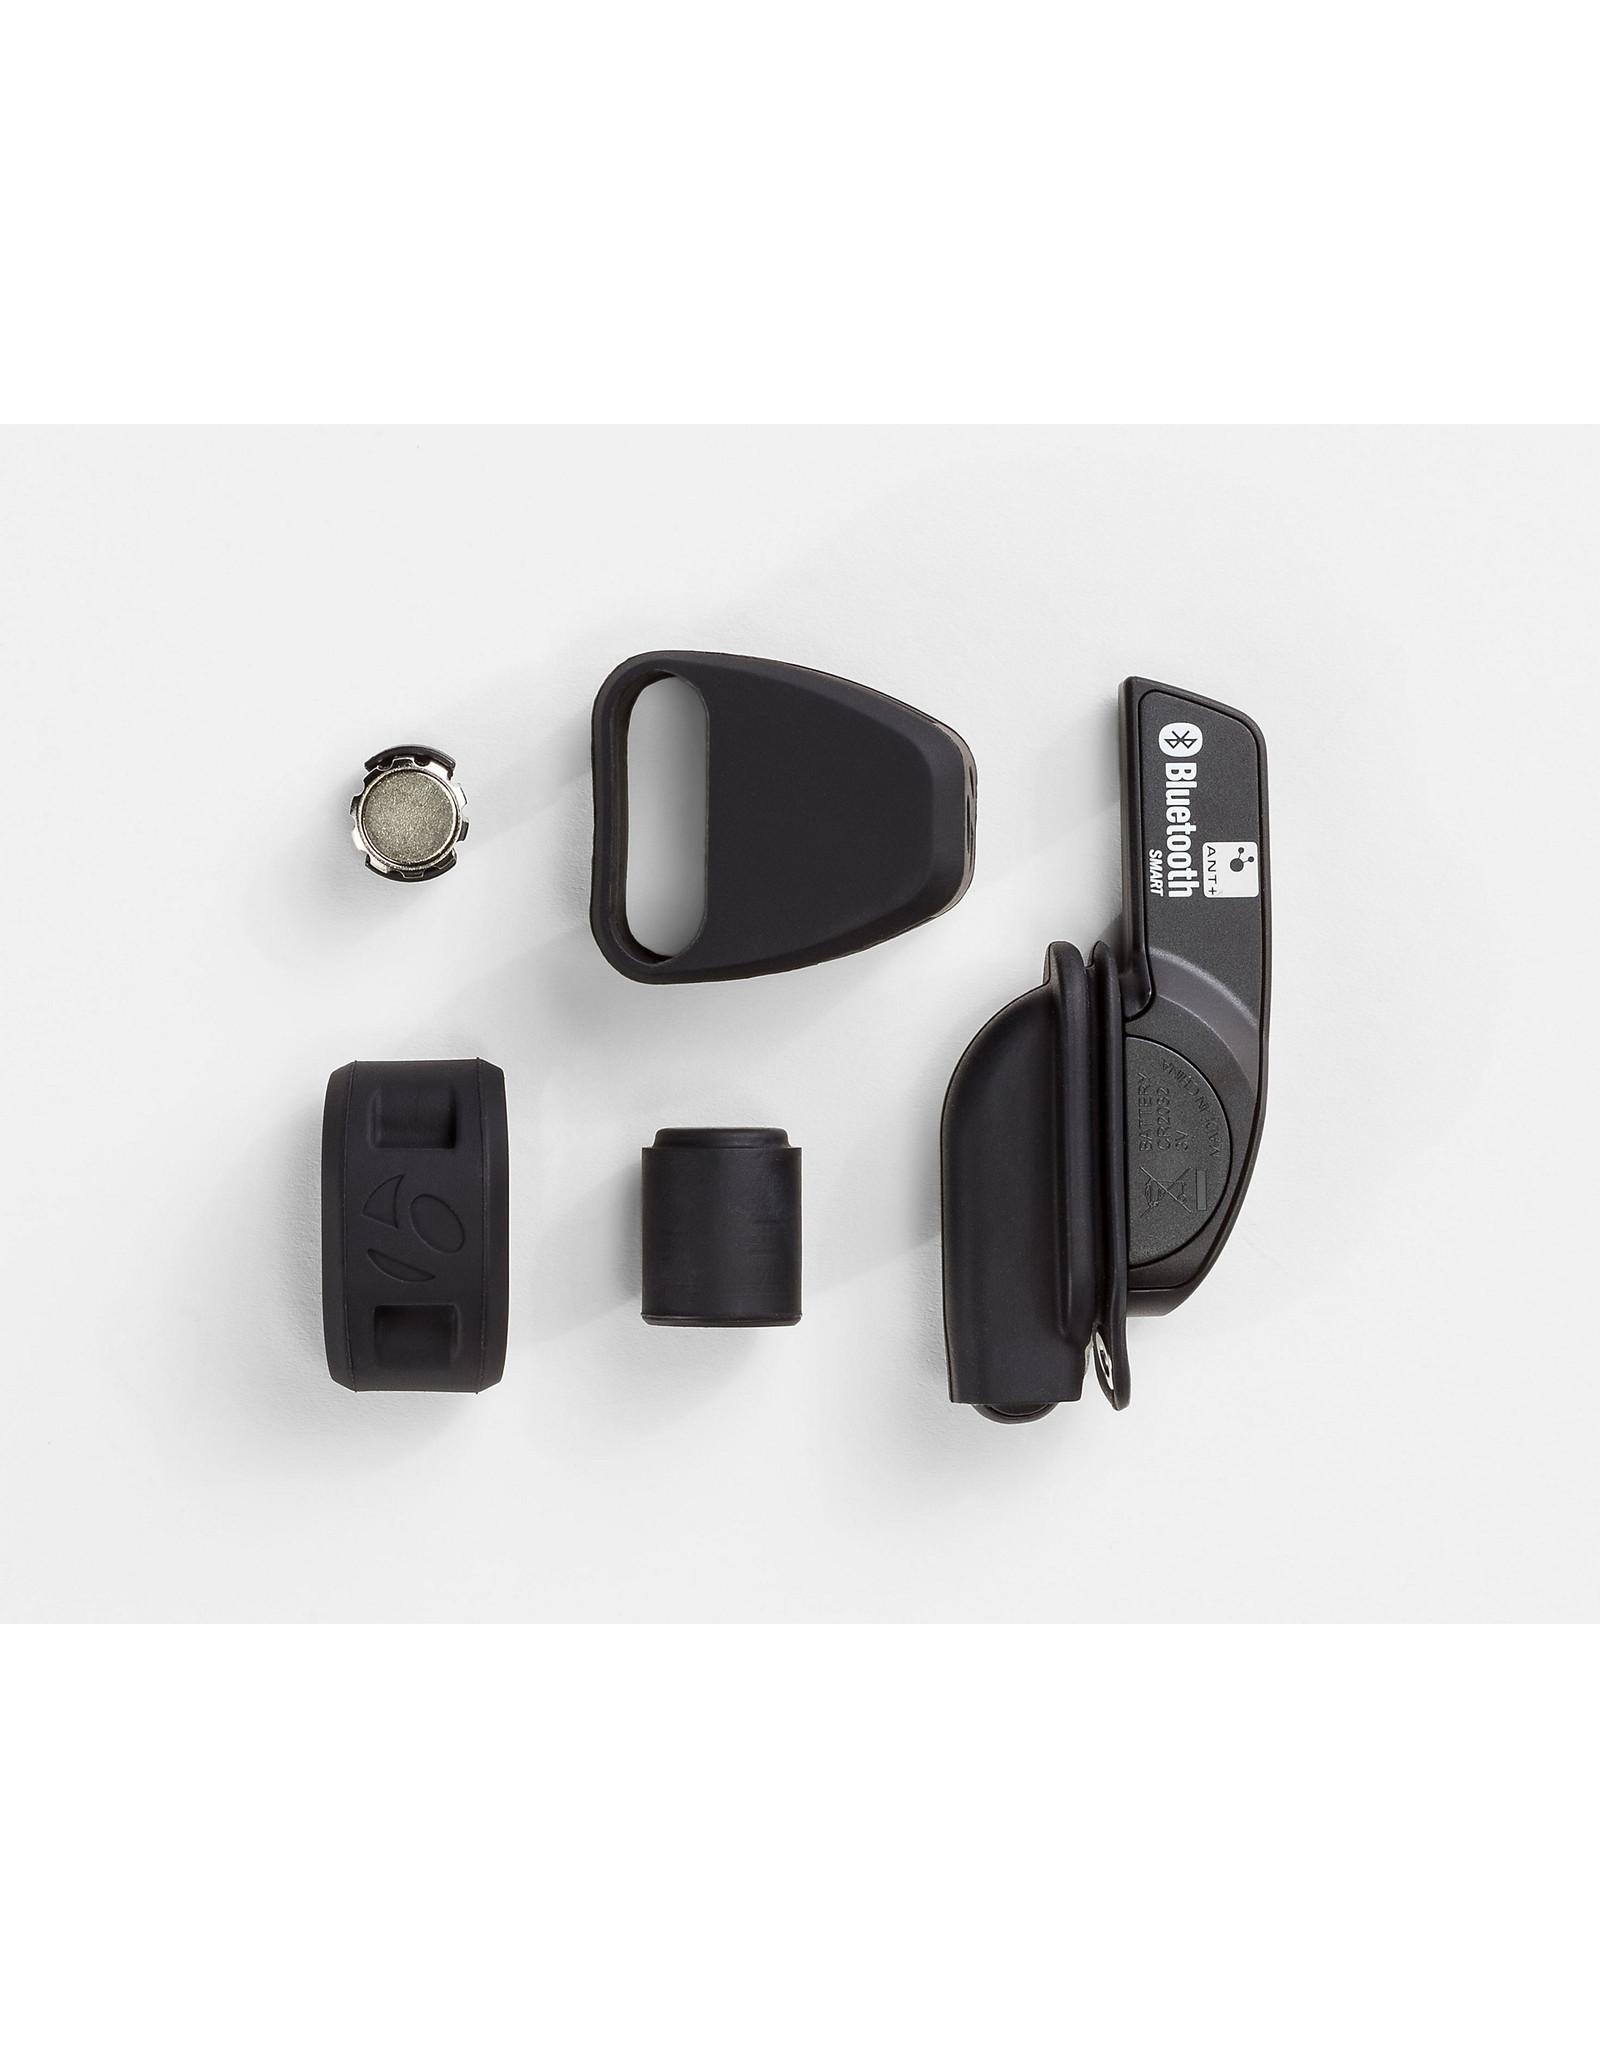 Capteur Vitesse / cadence Numérique Bontrager DuoTrap S Digital Sensor